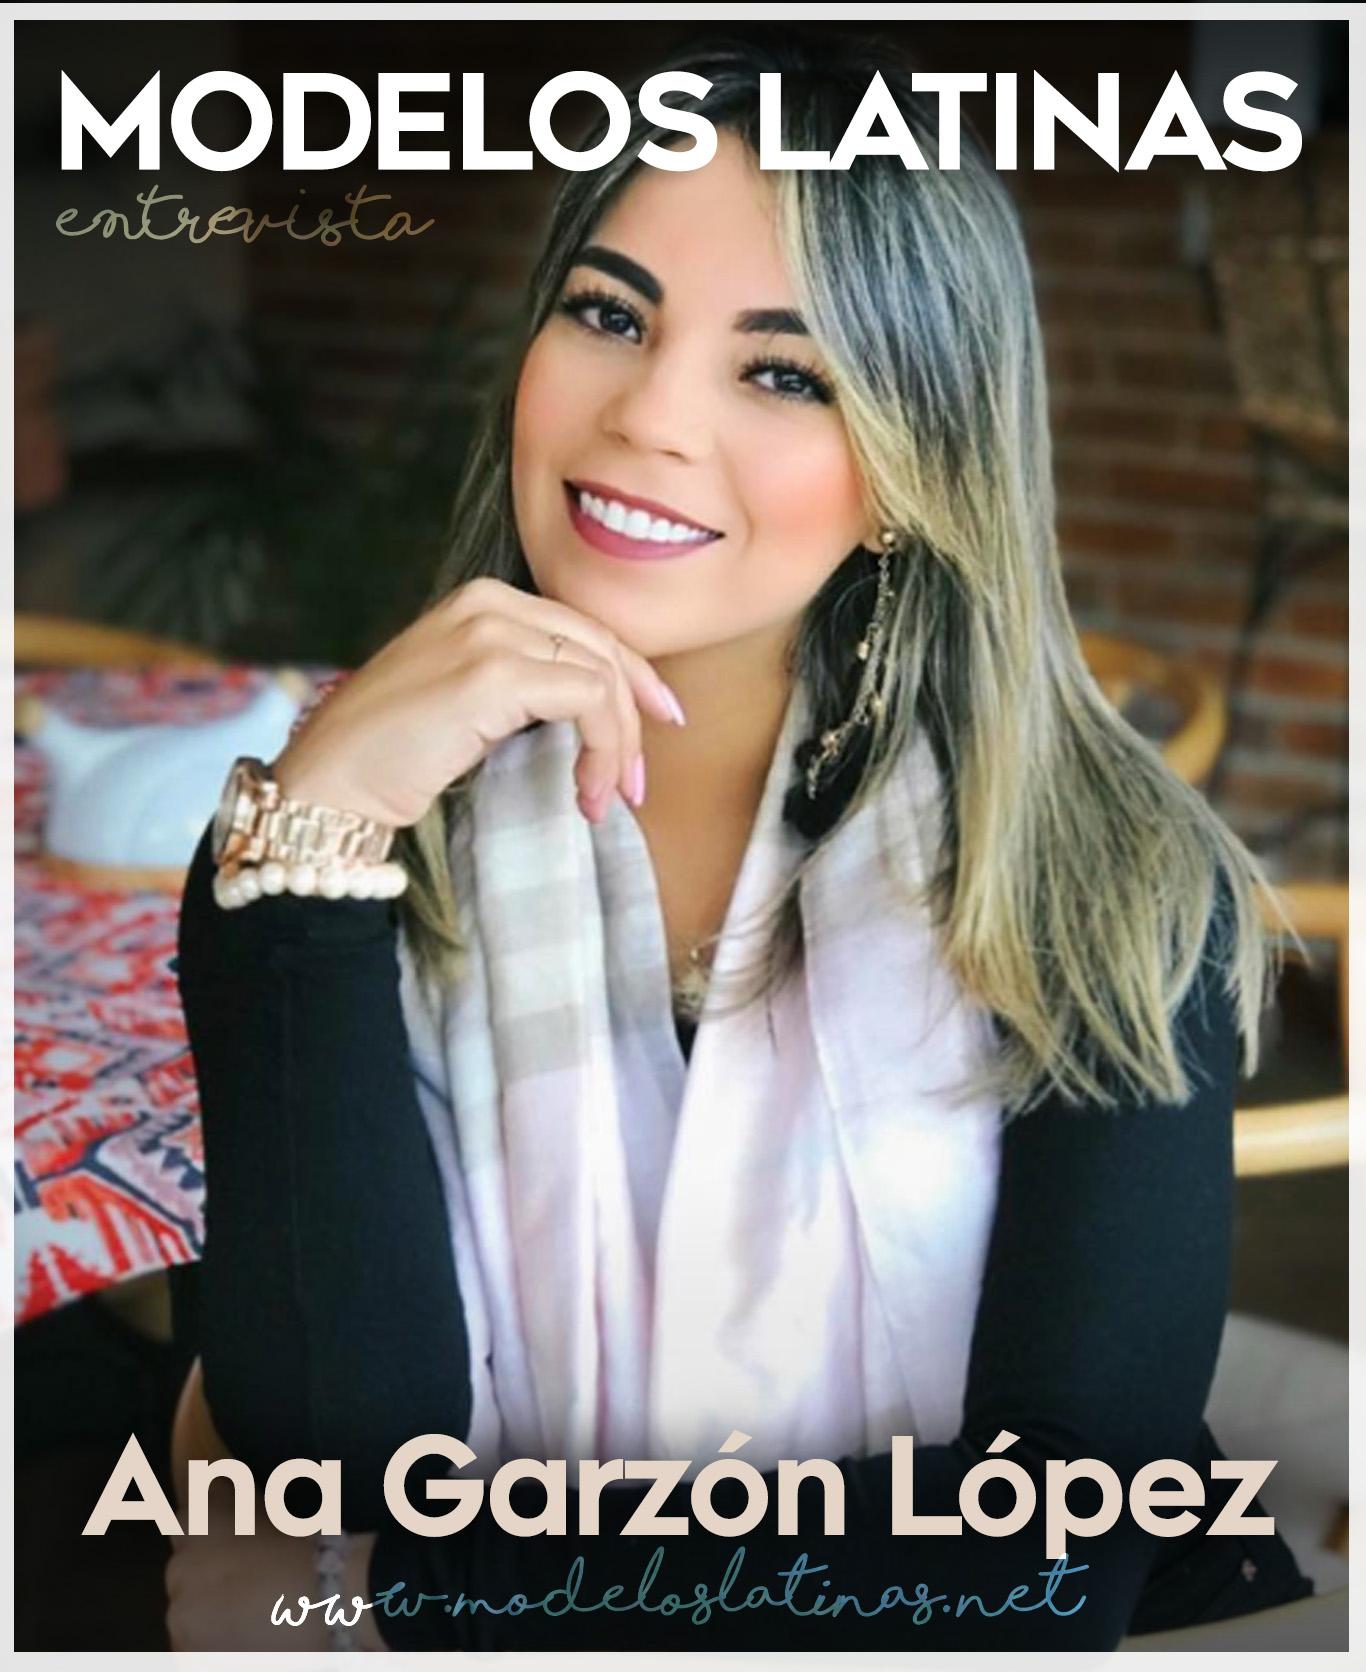 Ana Garzón López